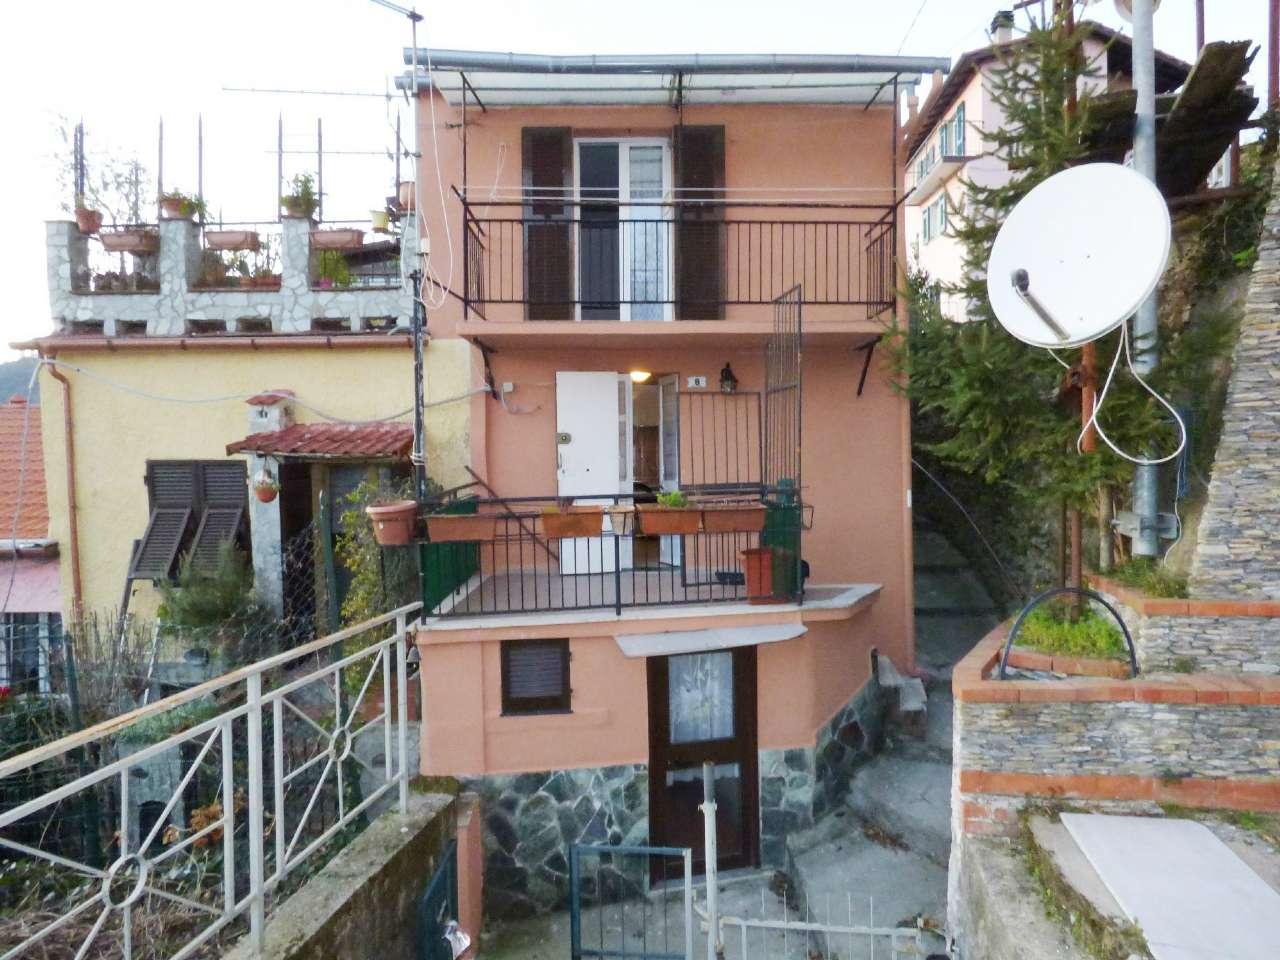 Soluzione Indipendente in vendita a Bargagli, 4 locali, prezzo € 38.000 | CambioCasa.it